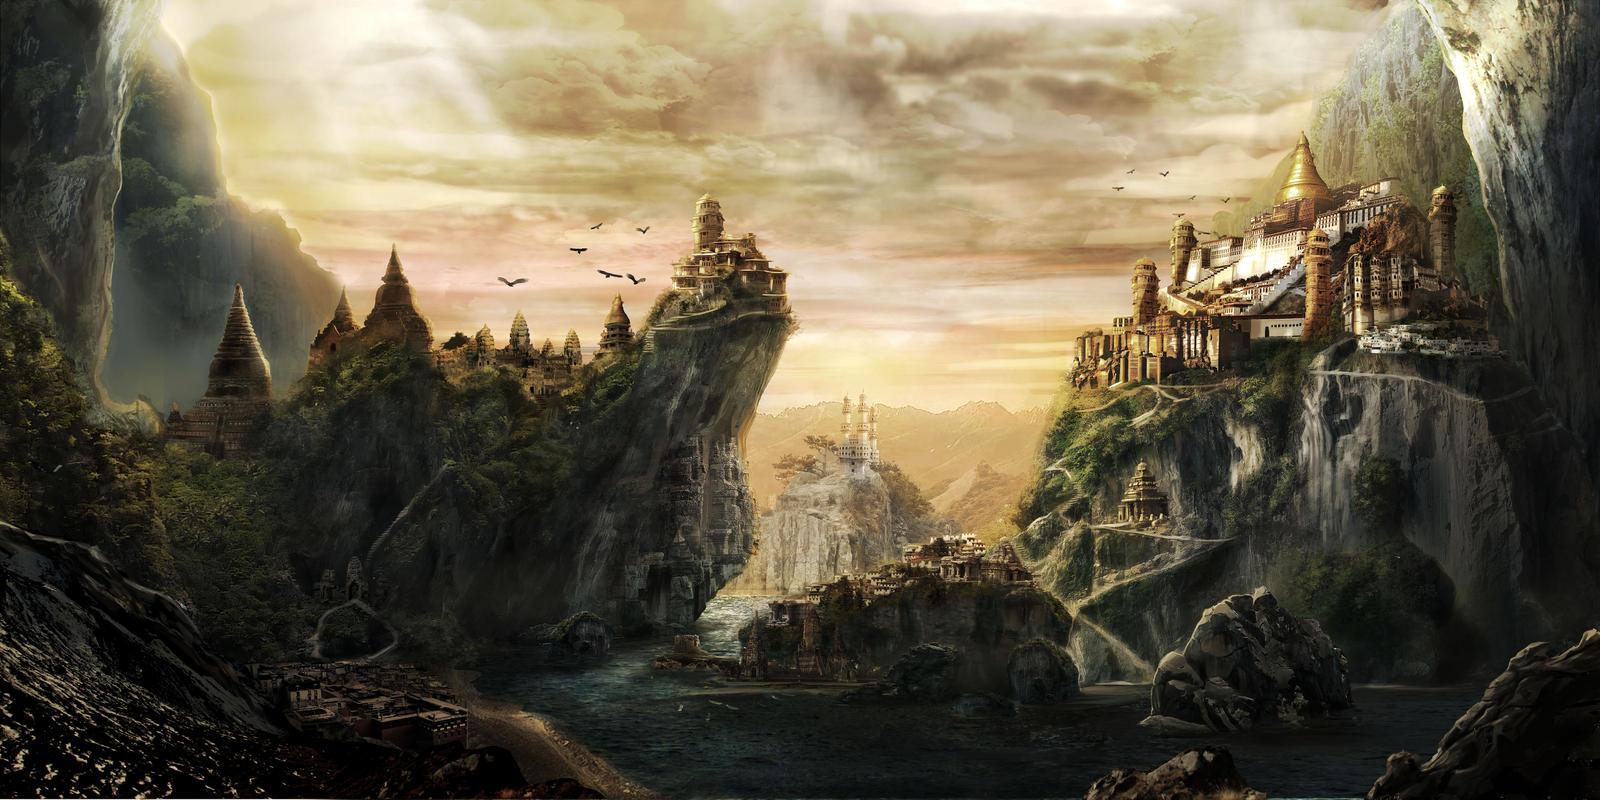 Indraprastha by nicholasgwee